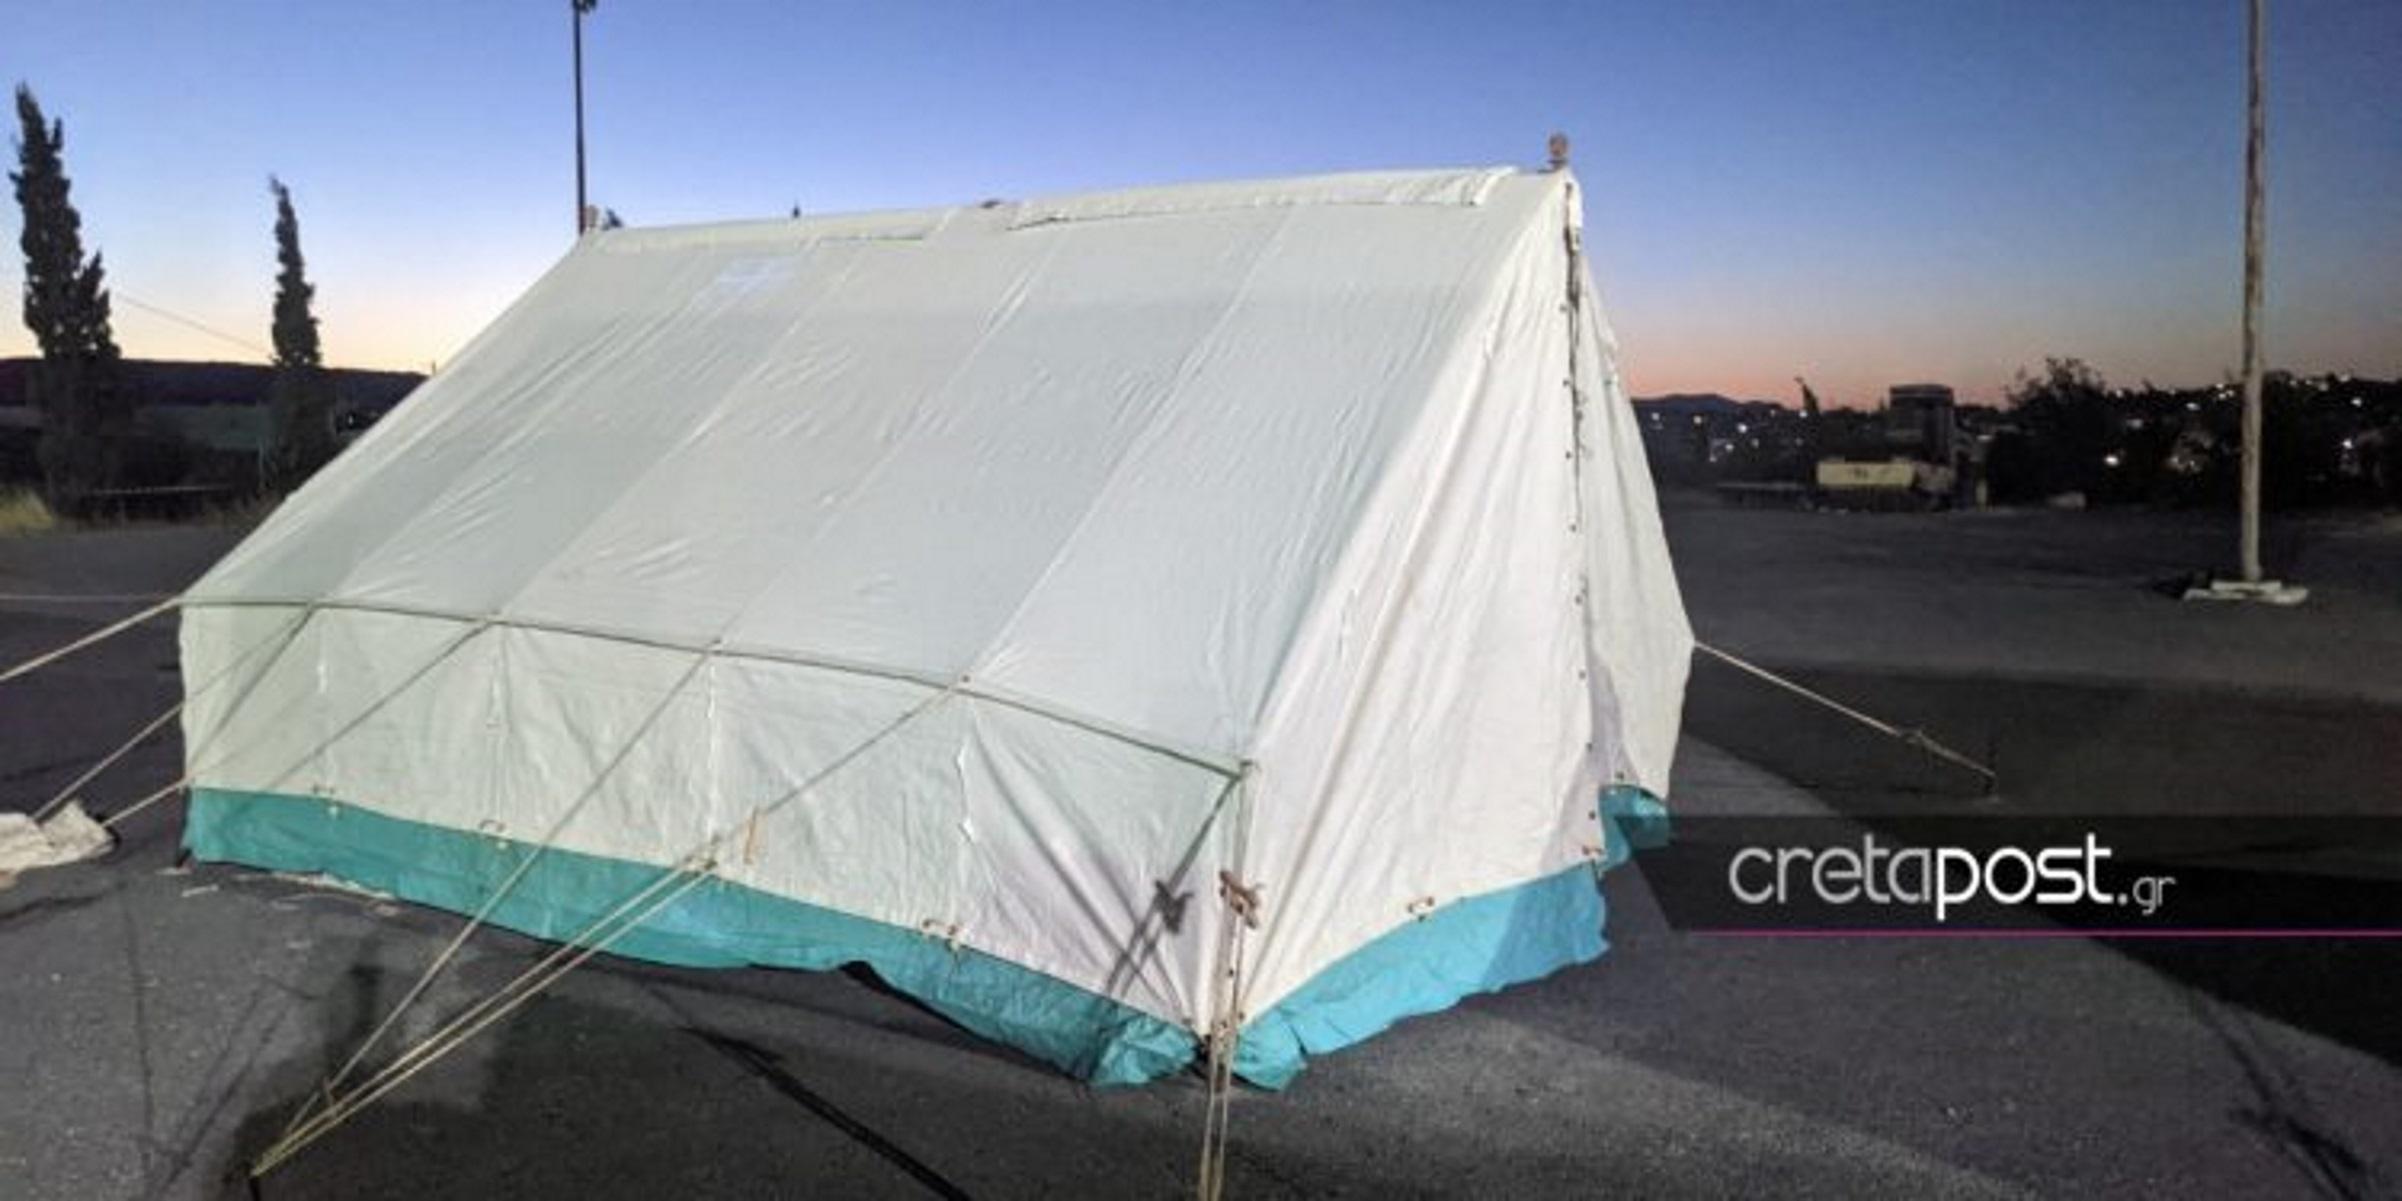 Κρούσματα κορονοϊού σε καταυλισμούς σεισμόπληκτων στην Κρήτη